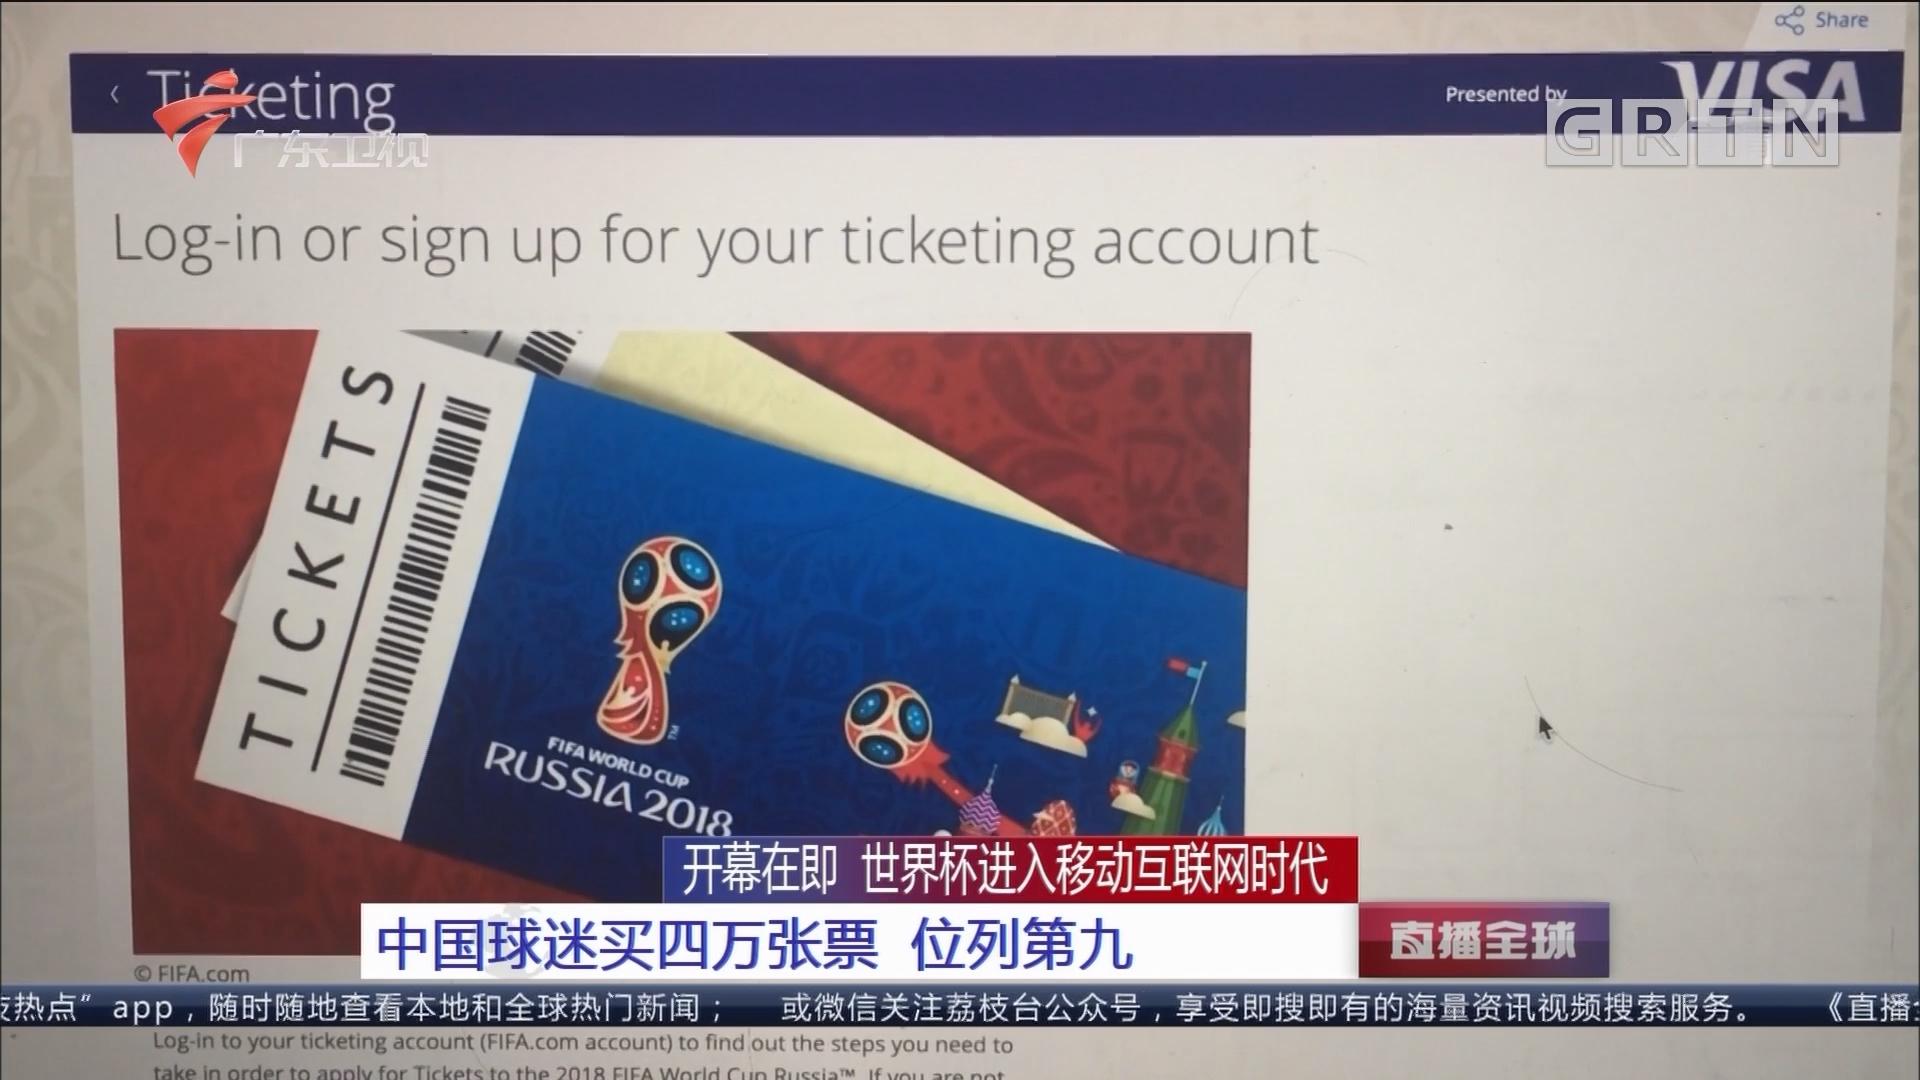 开幕在即 世界杯进入移动互联网时代:中国球迷买四万张票 位列第九